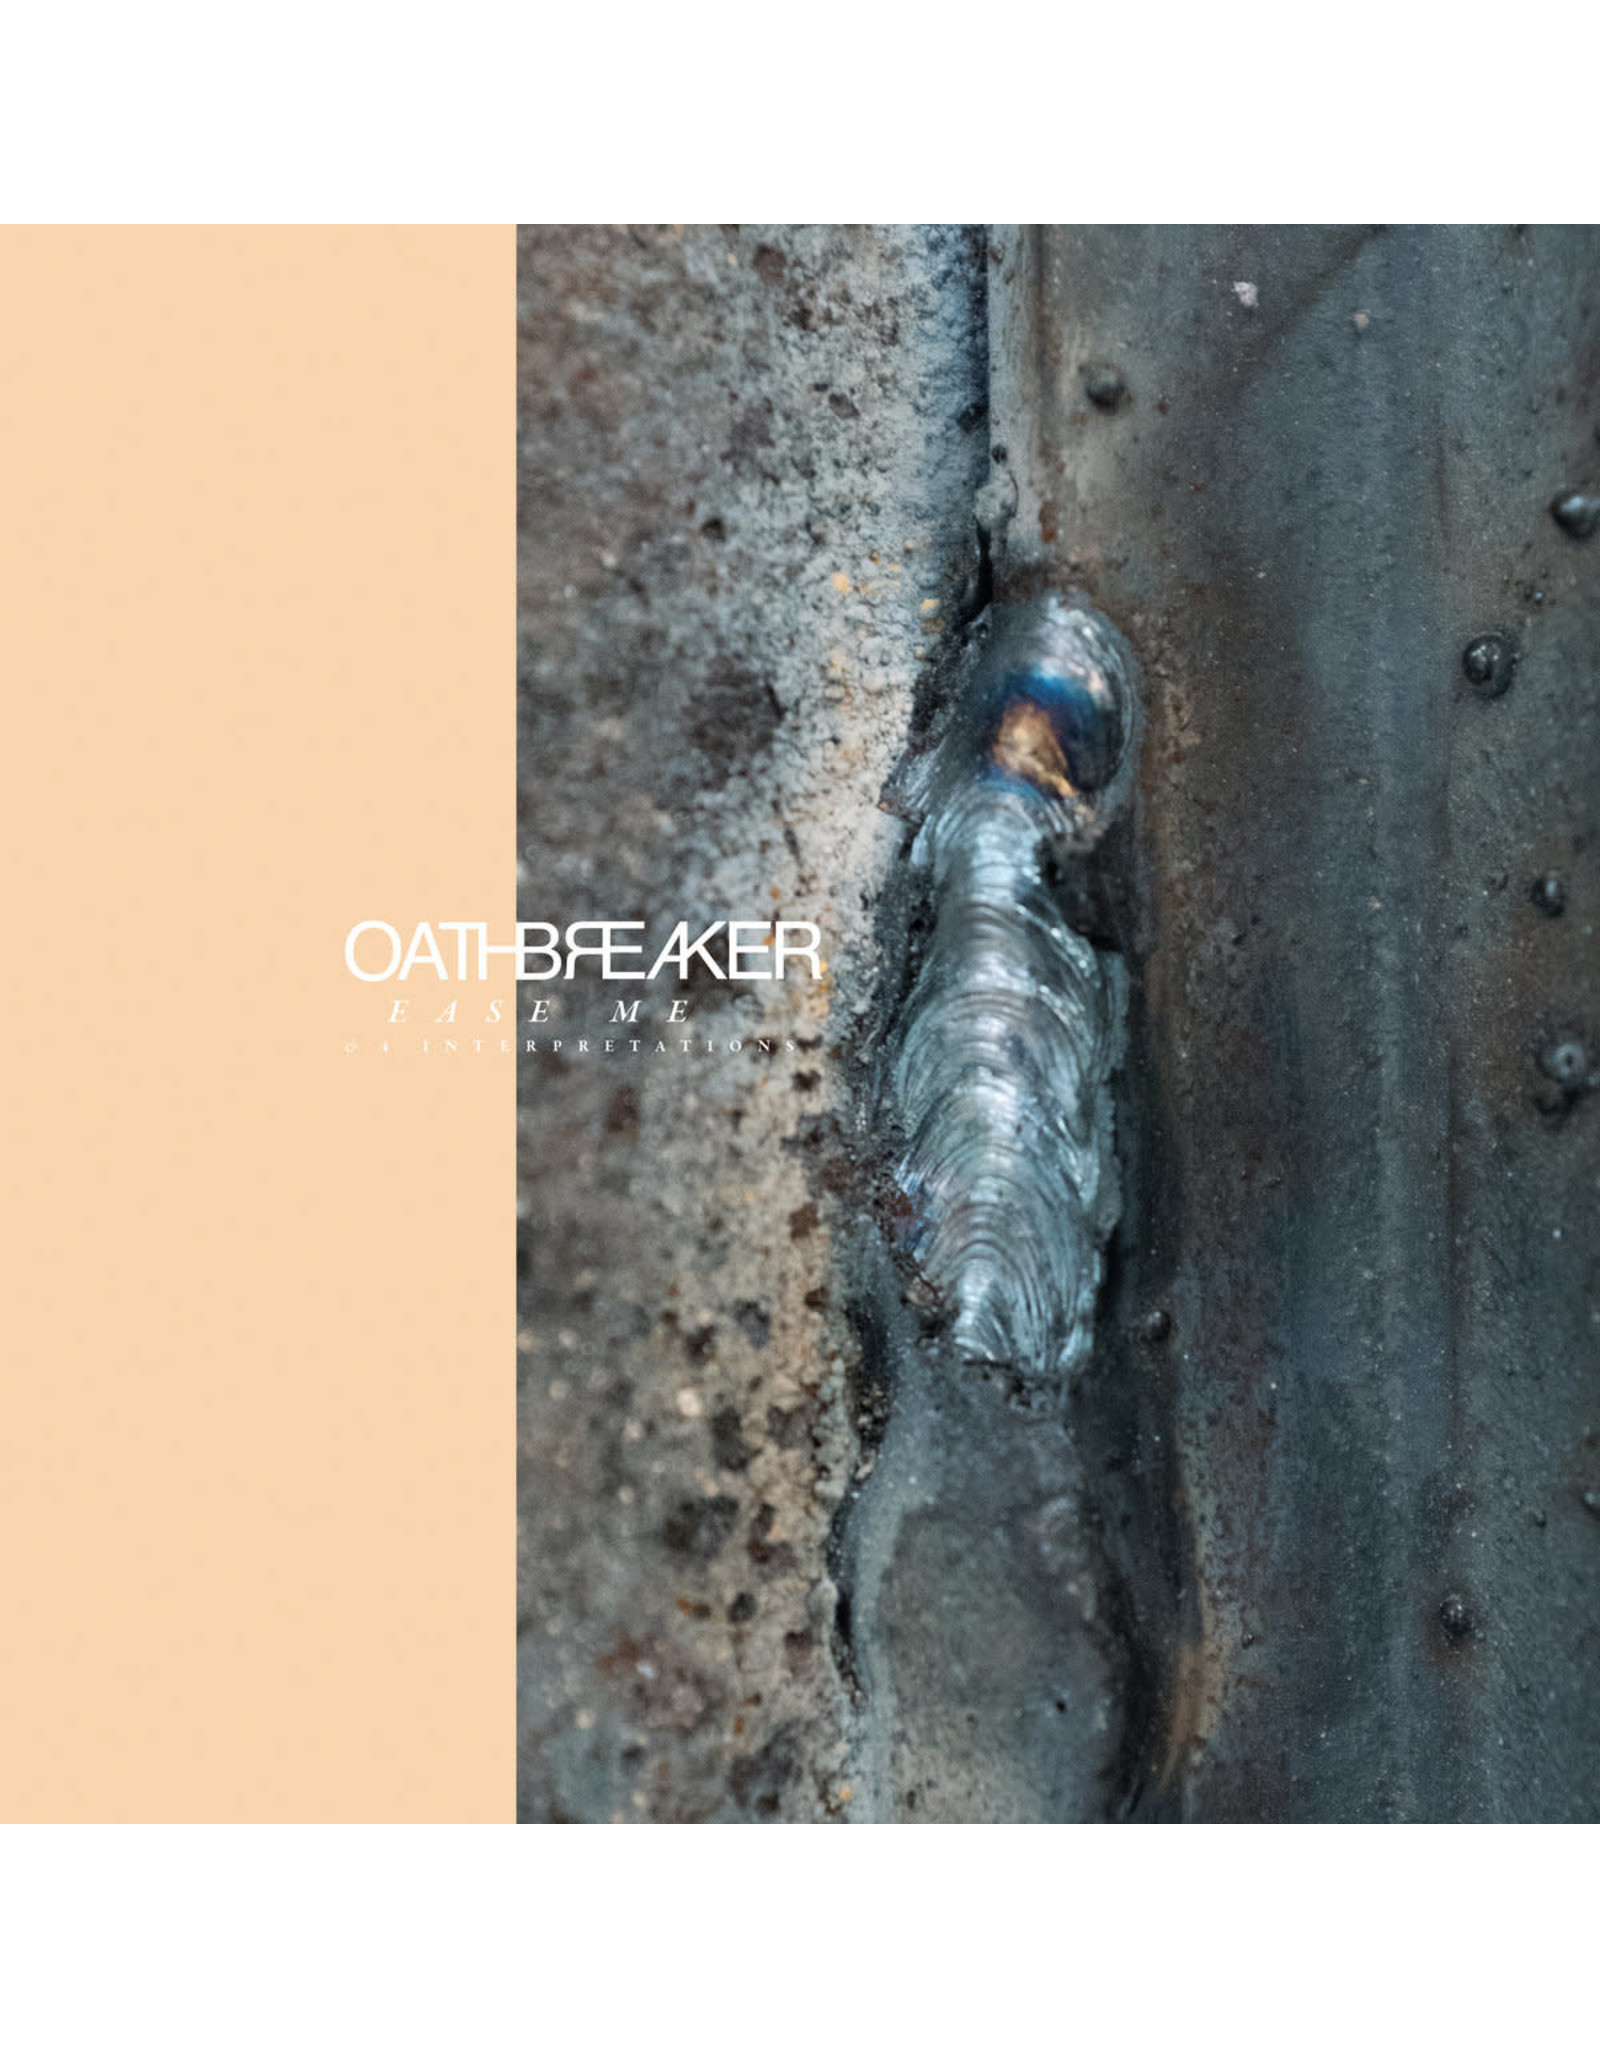 Deathwish Oathbreaker: Ease Me & 4 Interpretations LP